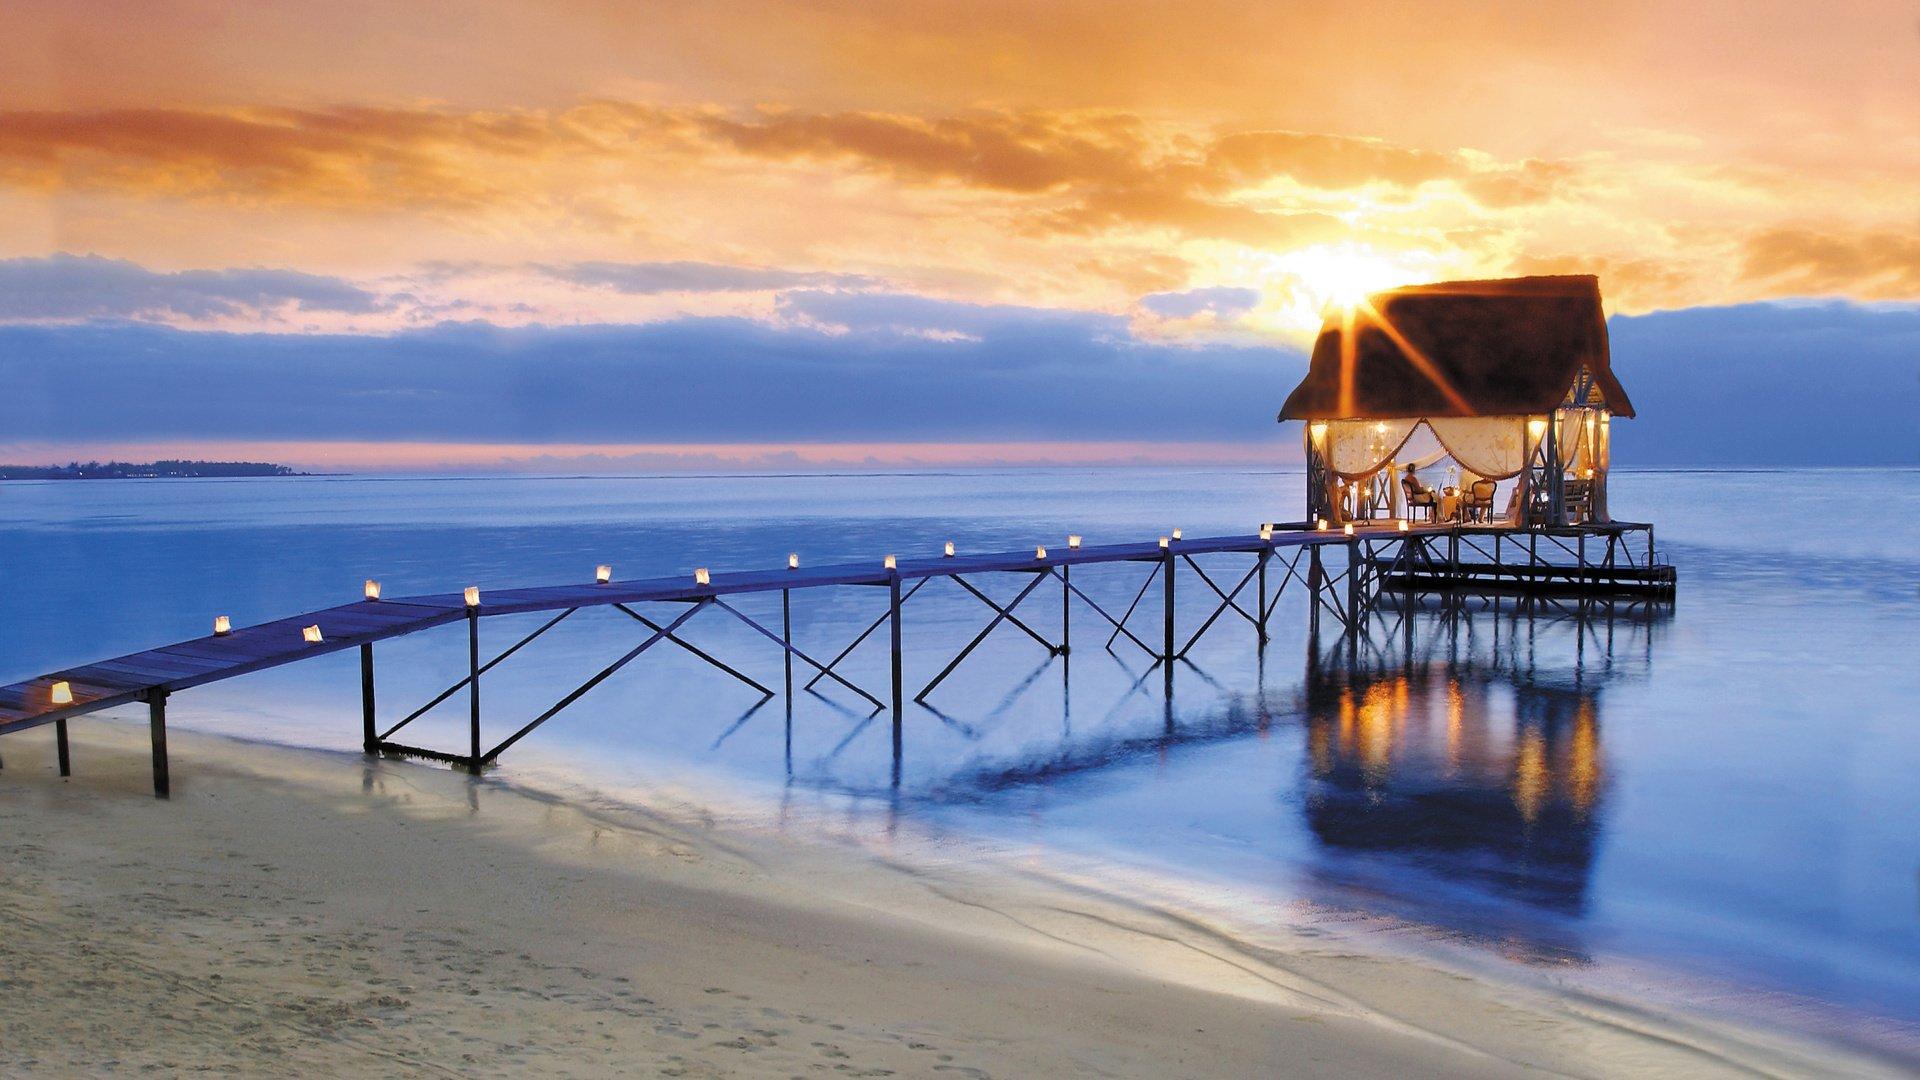 Праздником пасхой, романтические картинки море